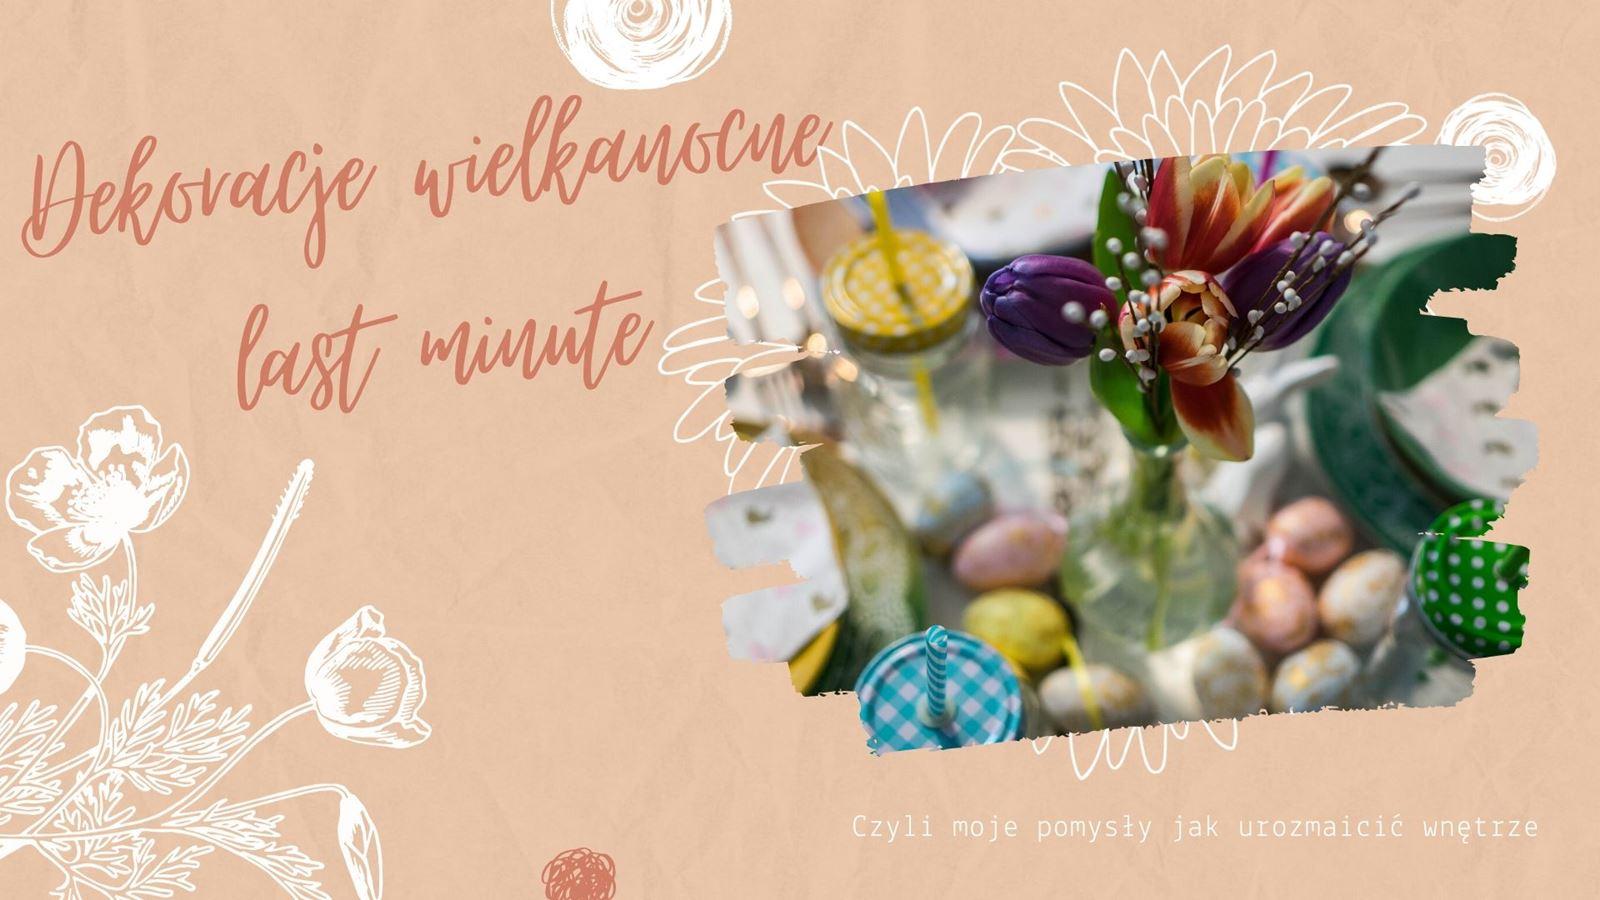 1 dekoracje wielkanocne diy jak udekorować stół wielkanocny bez wydawania pieniędzy kolorowe dodatki na wiosnę jak urządzić mieszkanie na wiosnę wiosenne dodatki do wnętrz tanie